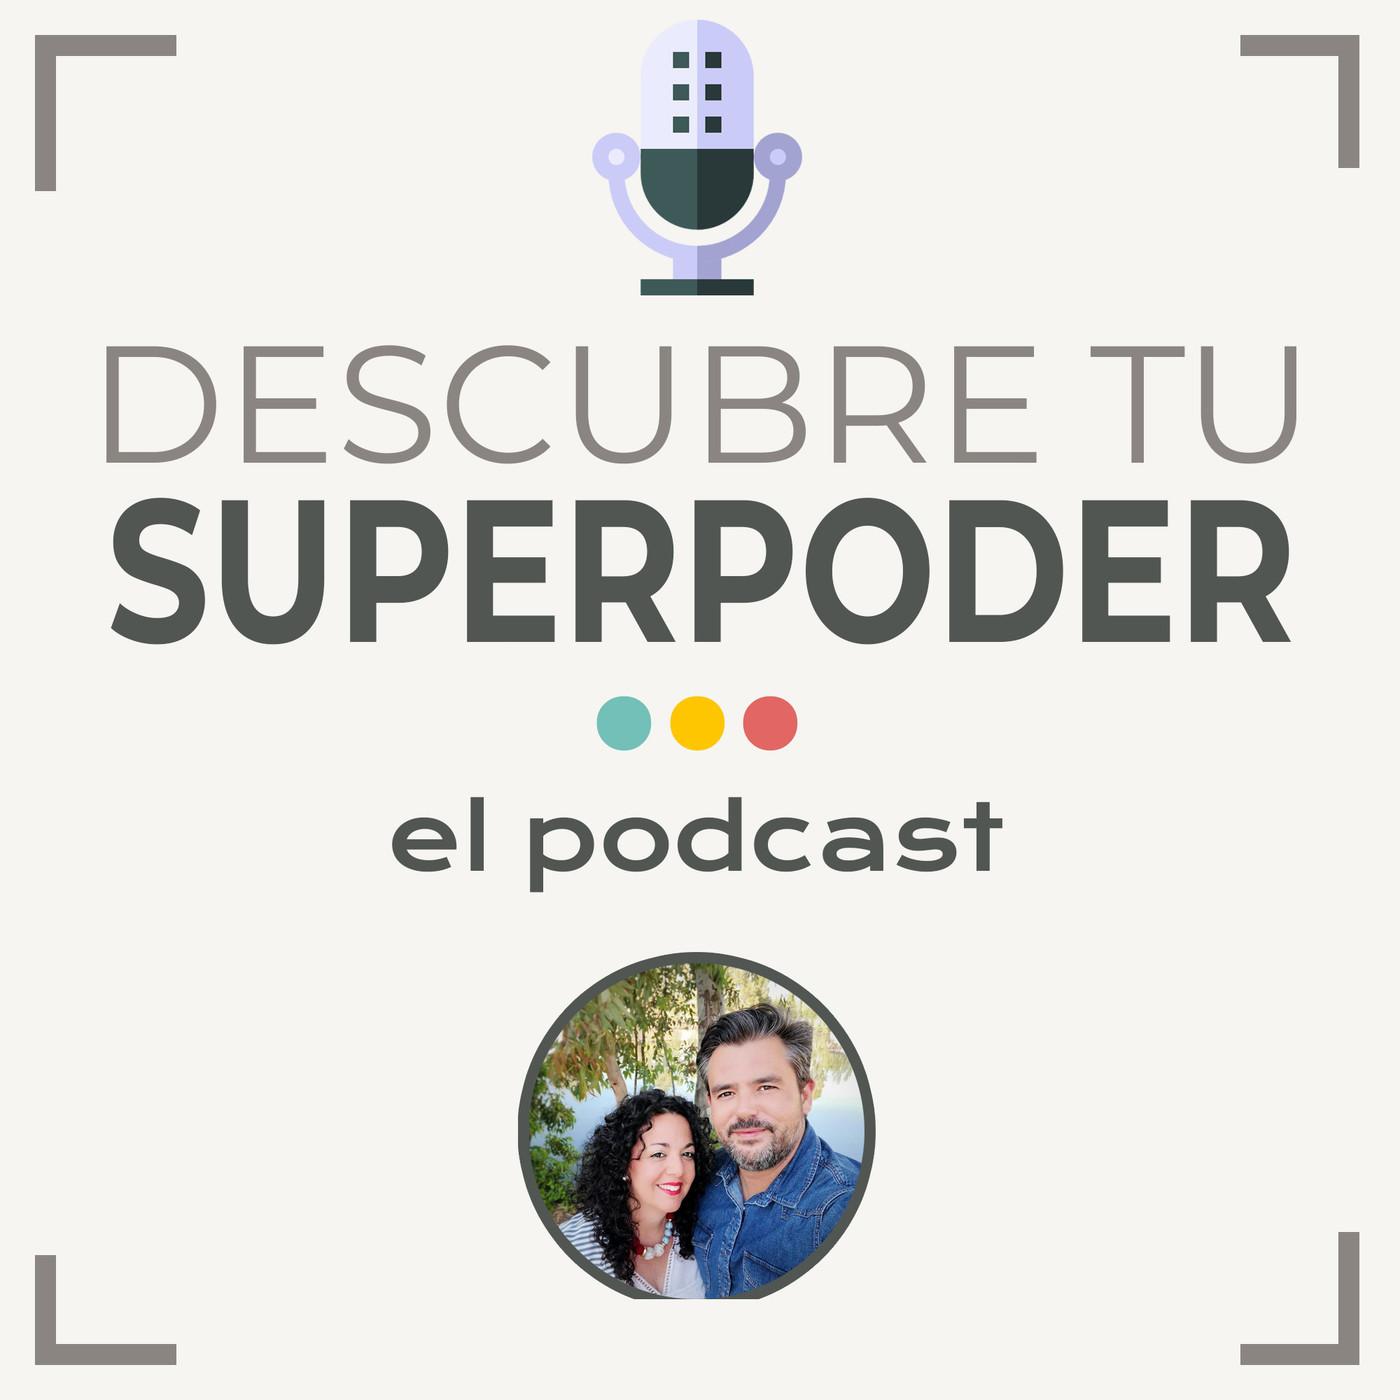 Descubre tu superpoder